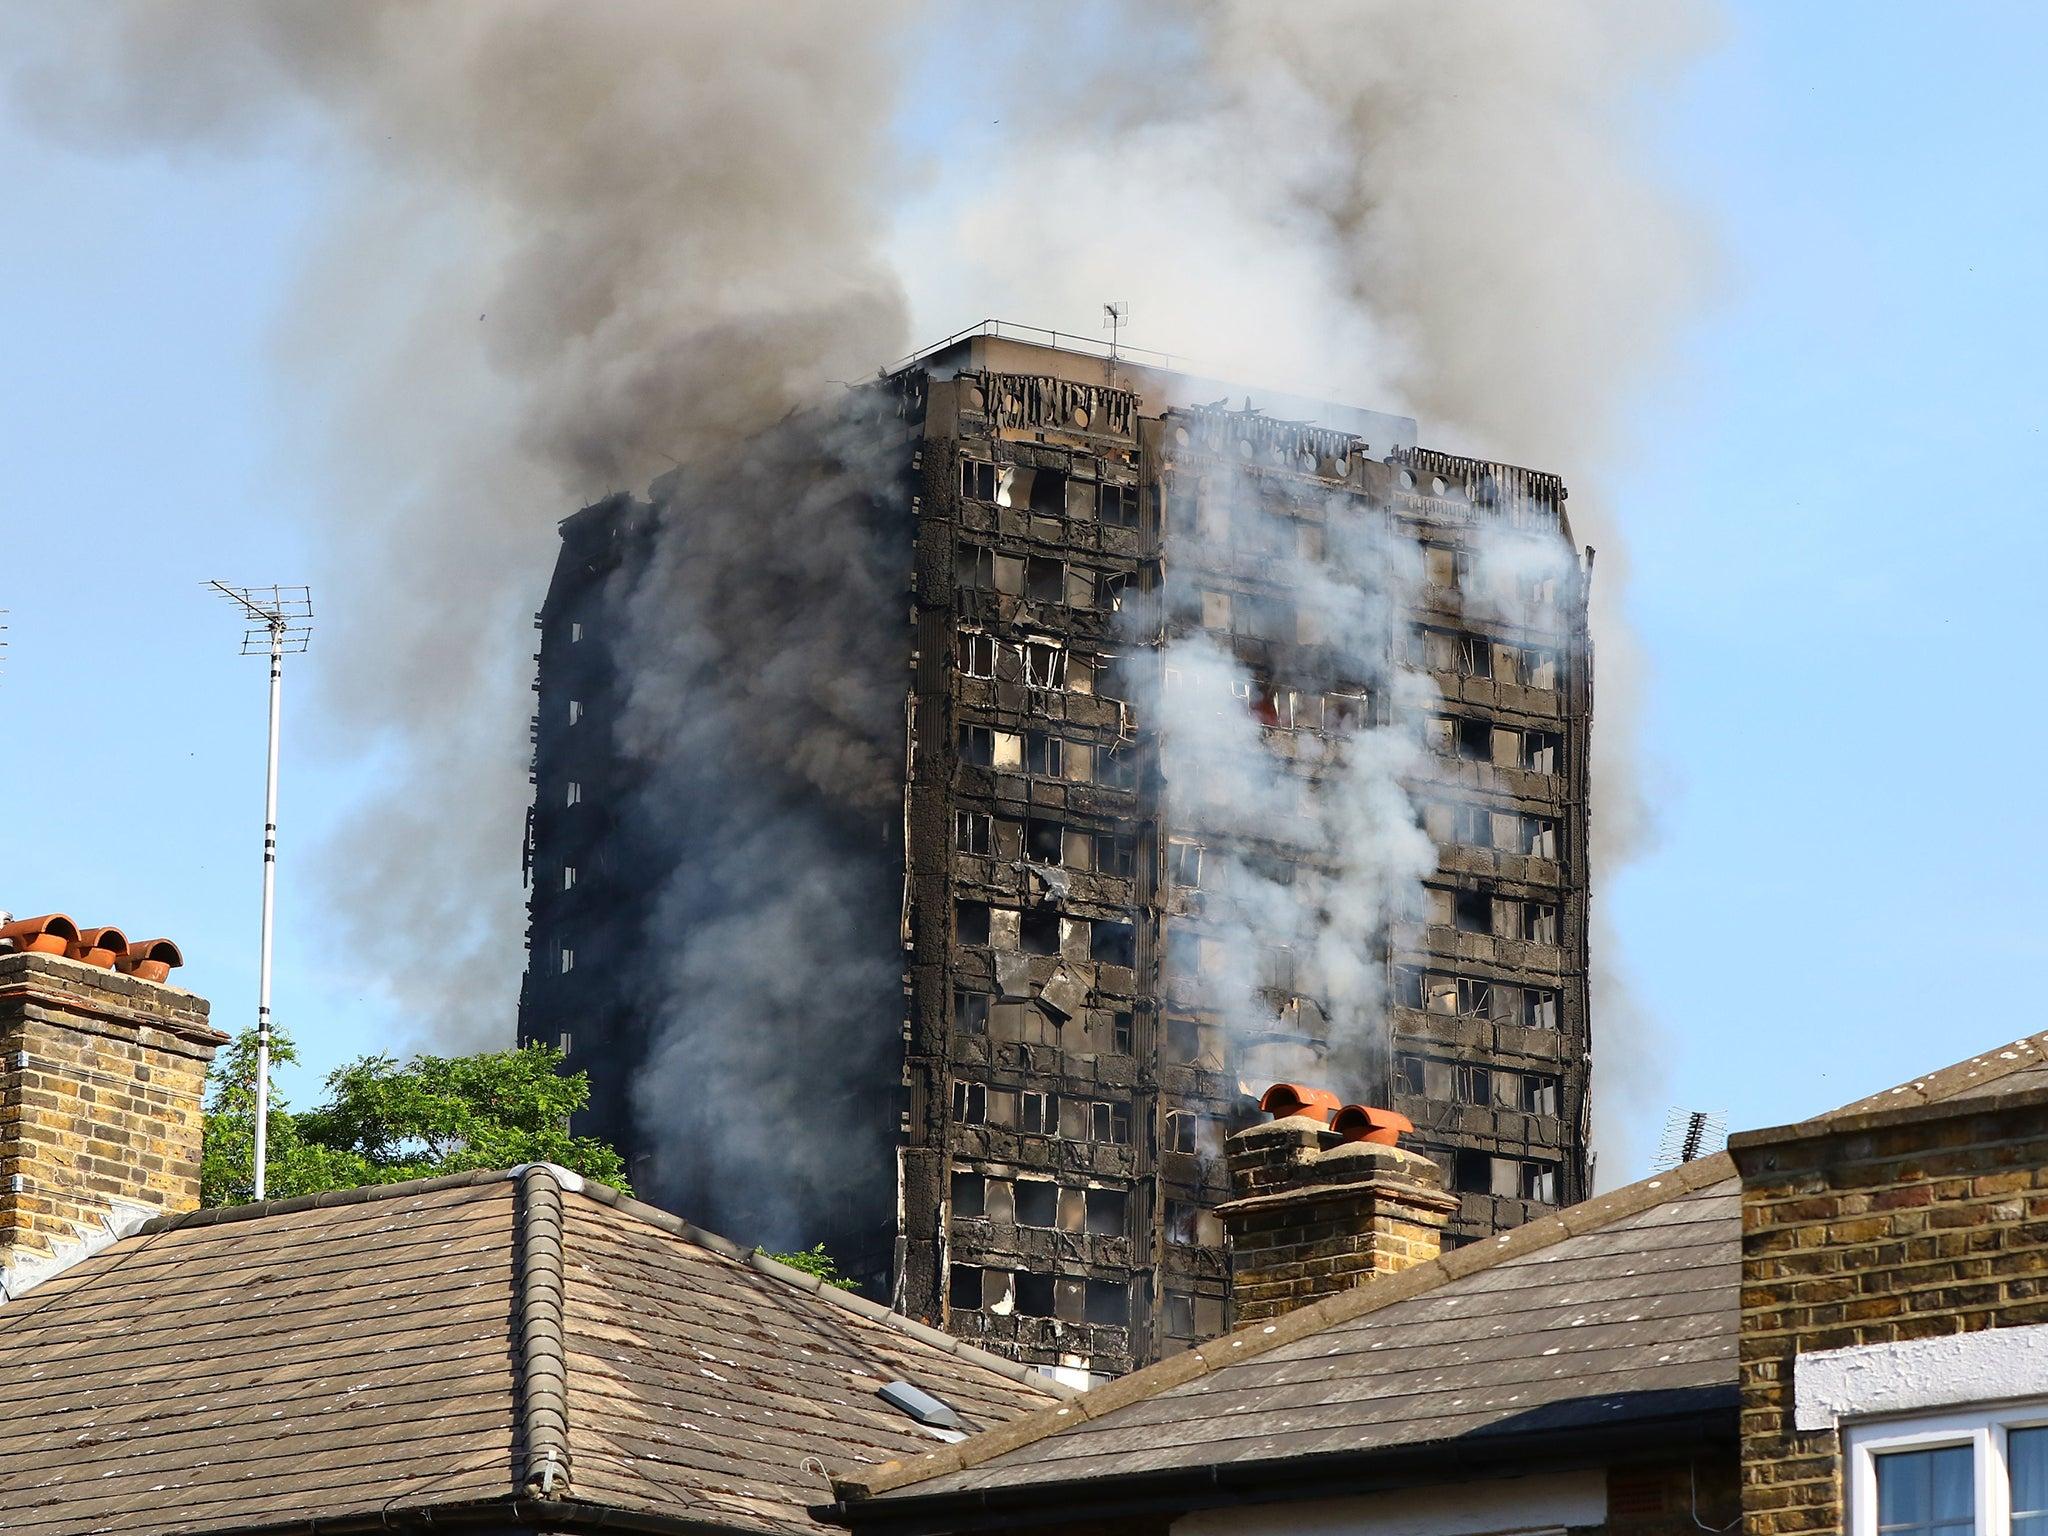 London Fire 12 Grenfell Tower residents dead as blaze rips